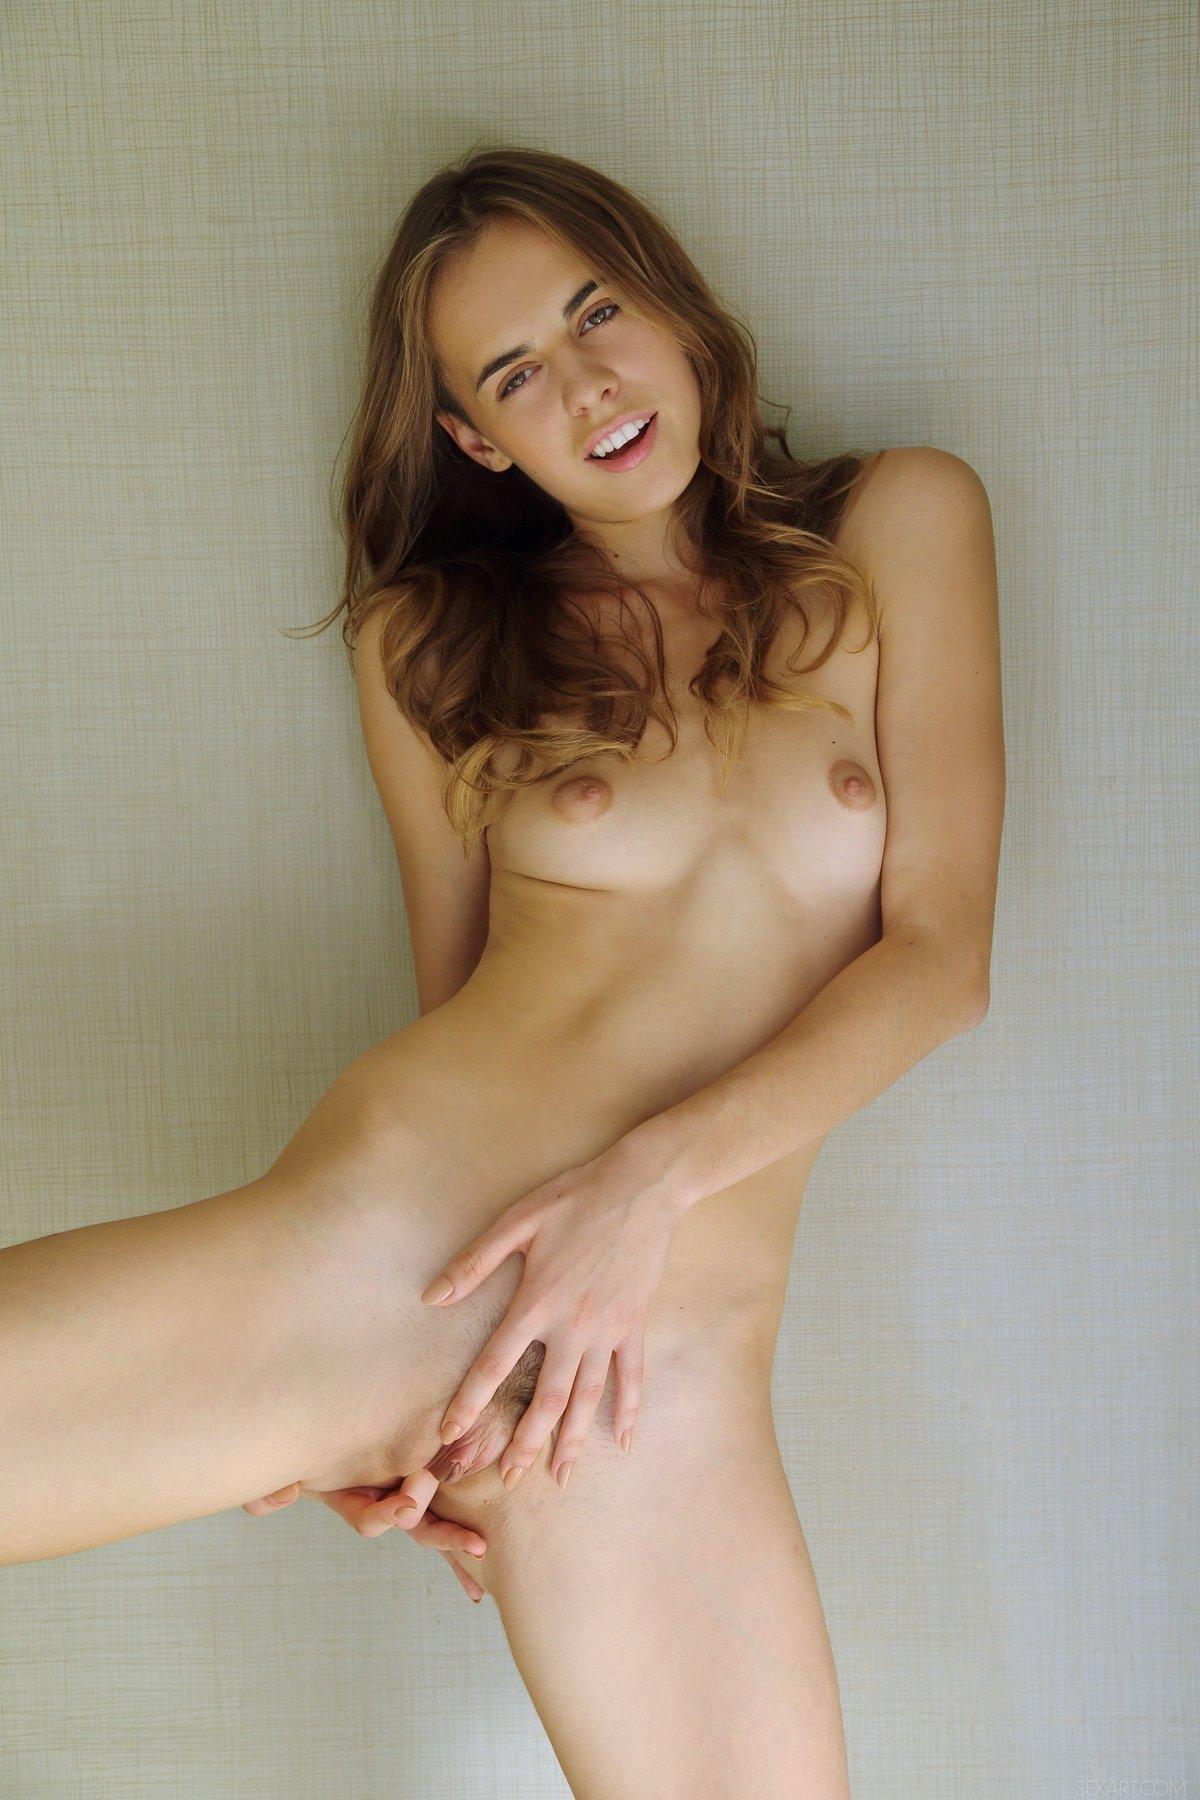 Интимные картинки нагой блондинки с крохотными сиськами